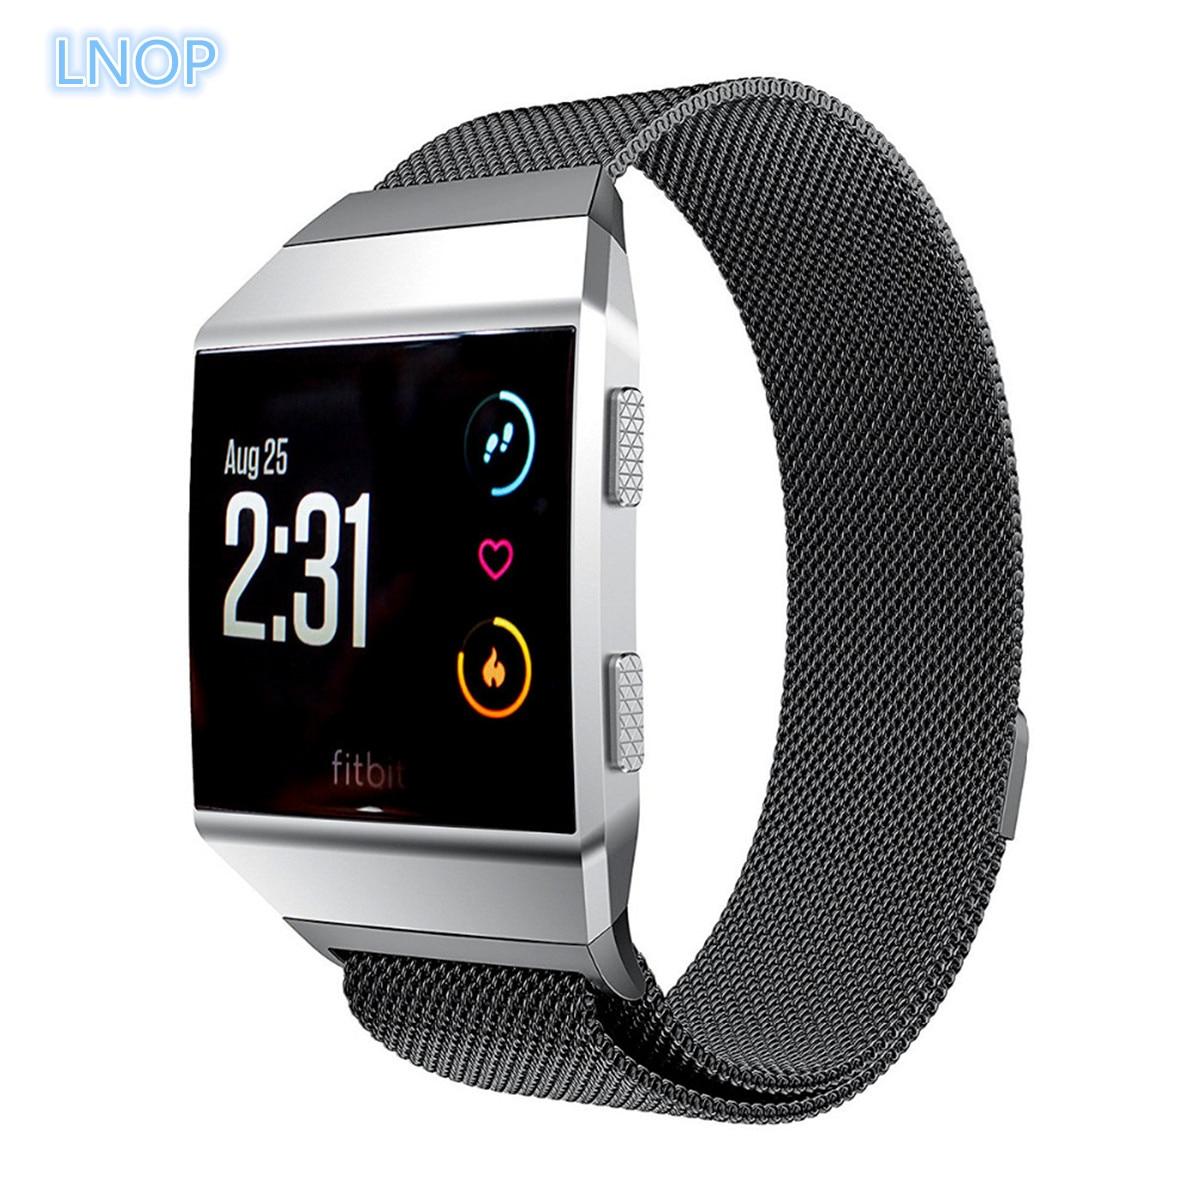 Milanese Schleife Für fitbit ionic band smartwatch strap Link Armband Edelstahl metall ersatz armband smart uhr gürtel